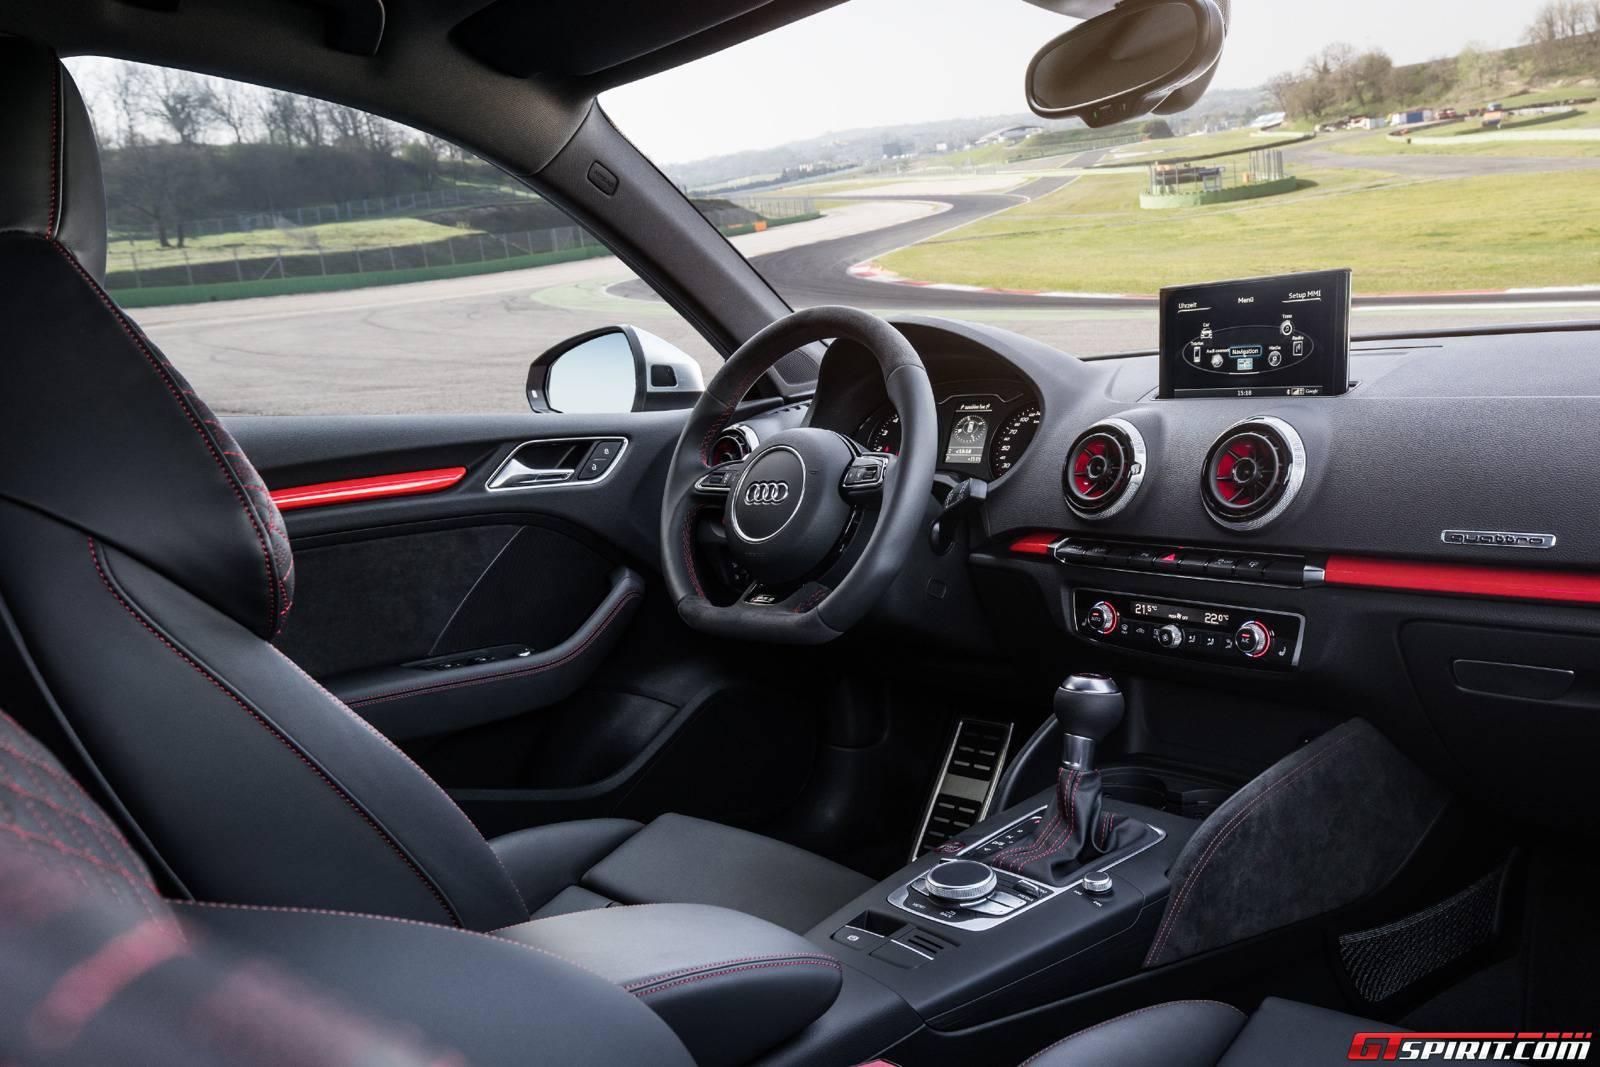 Kekurangan Audi Rs3 2016 Top Model Tahun Ini